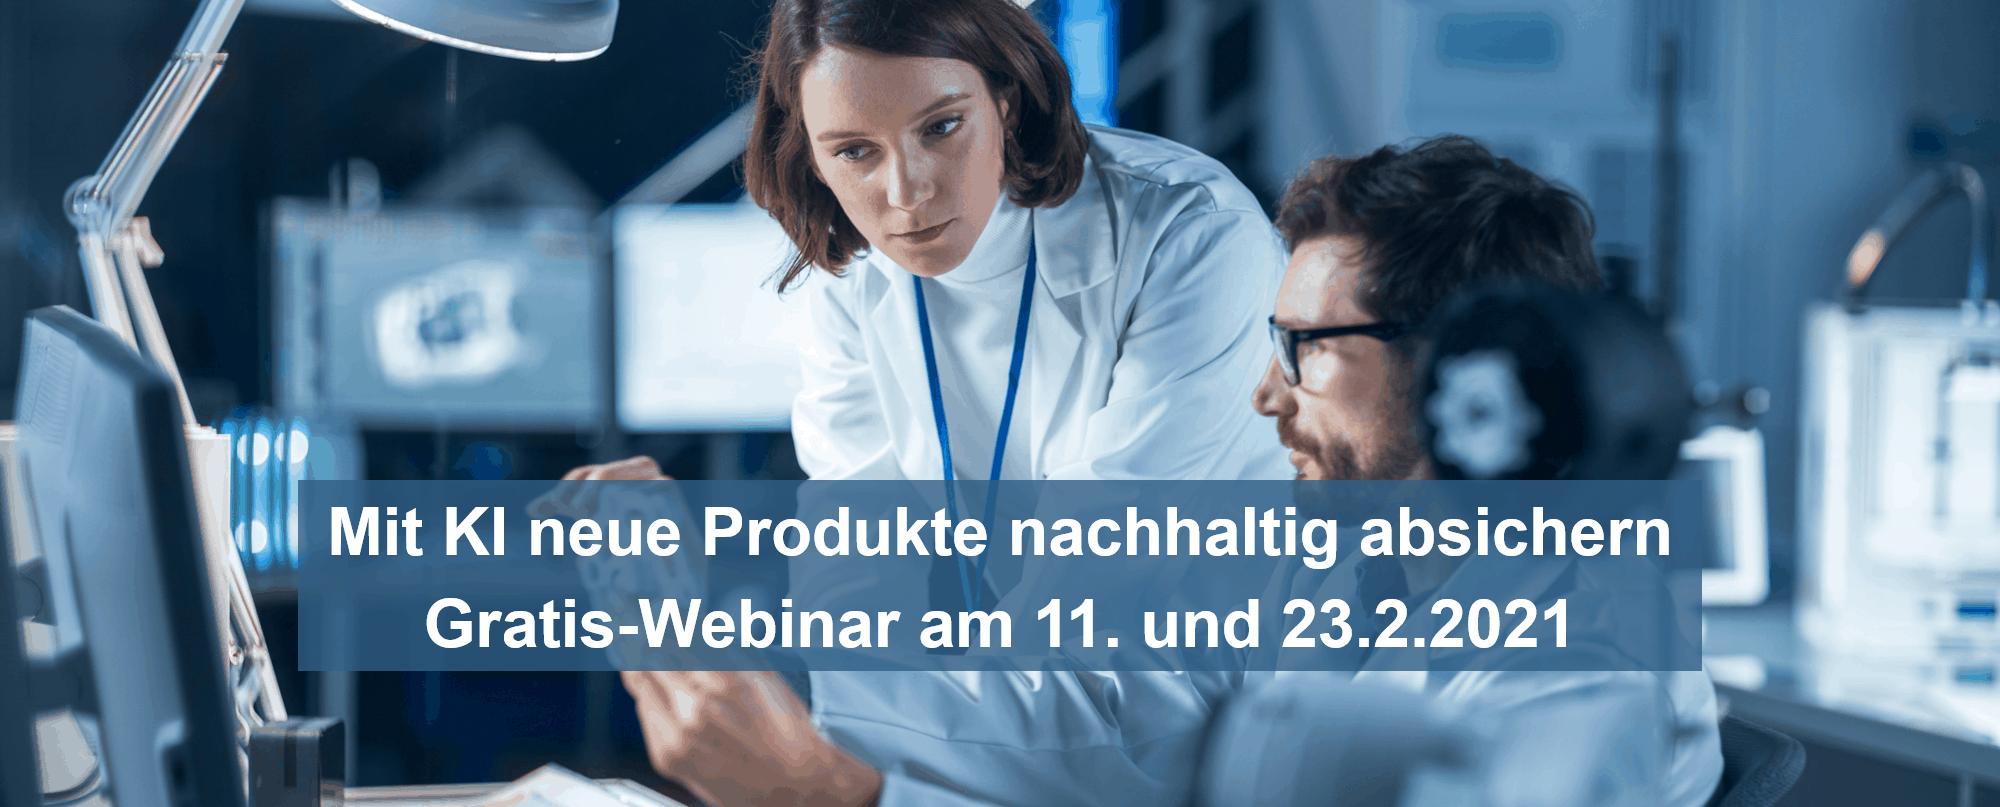 Mit KI neue Produkte nachhaltig absichern – Gratis-Webinar am 11. und 23.2.2021